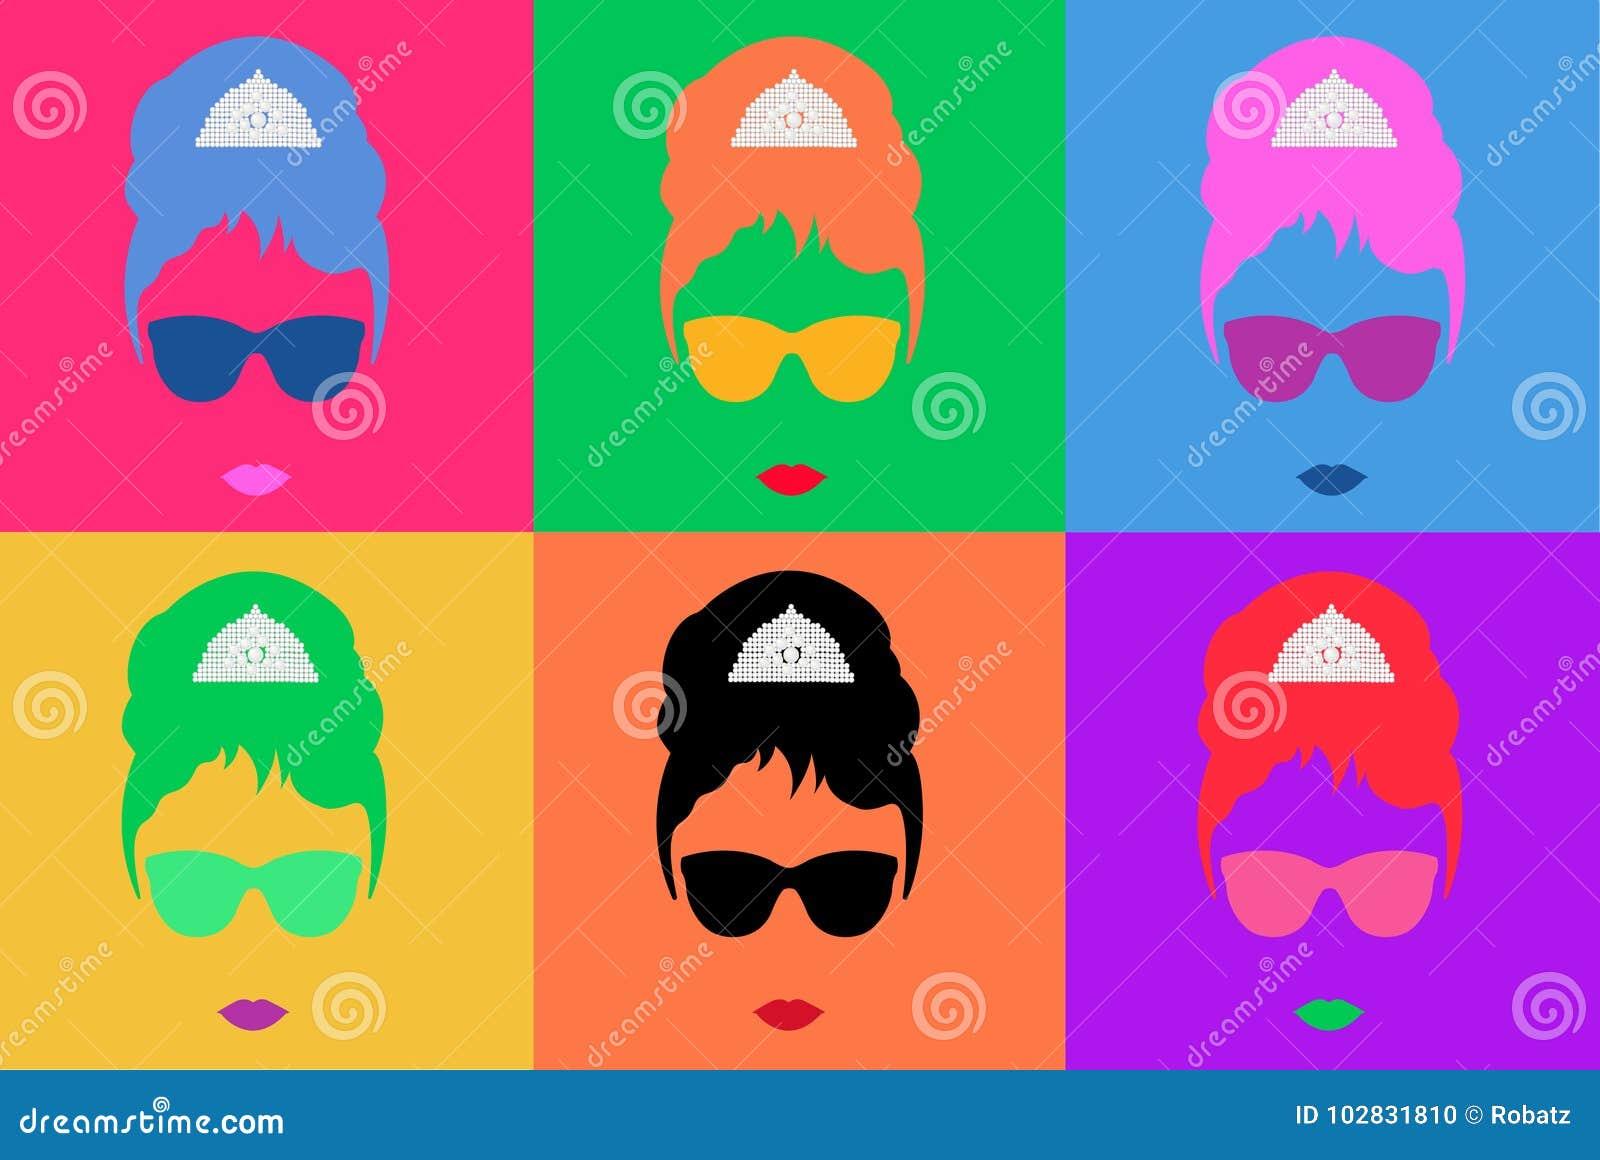 Estallido Coloreado Art Style Andy Warhol Del Ejemplo Del Vector ...